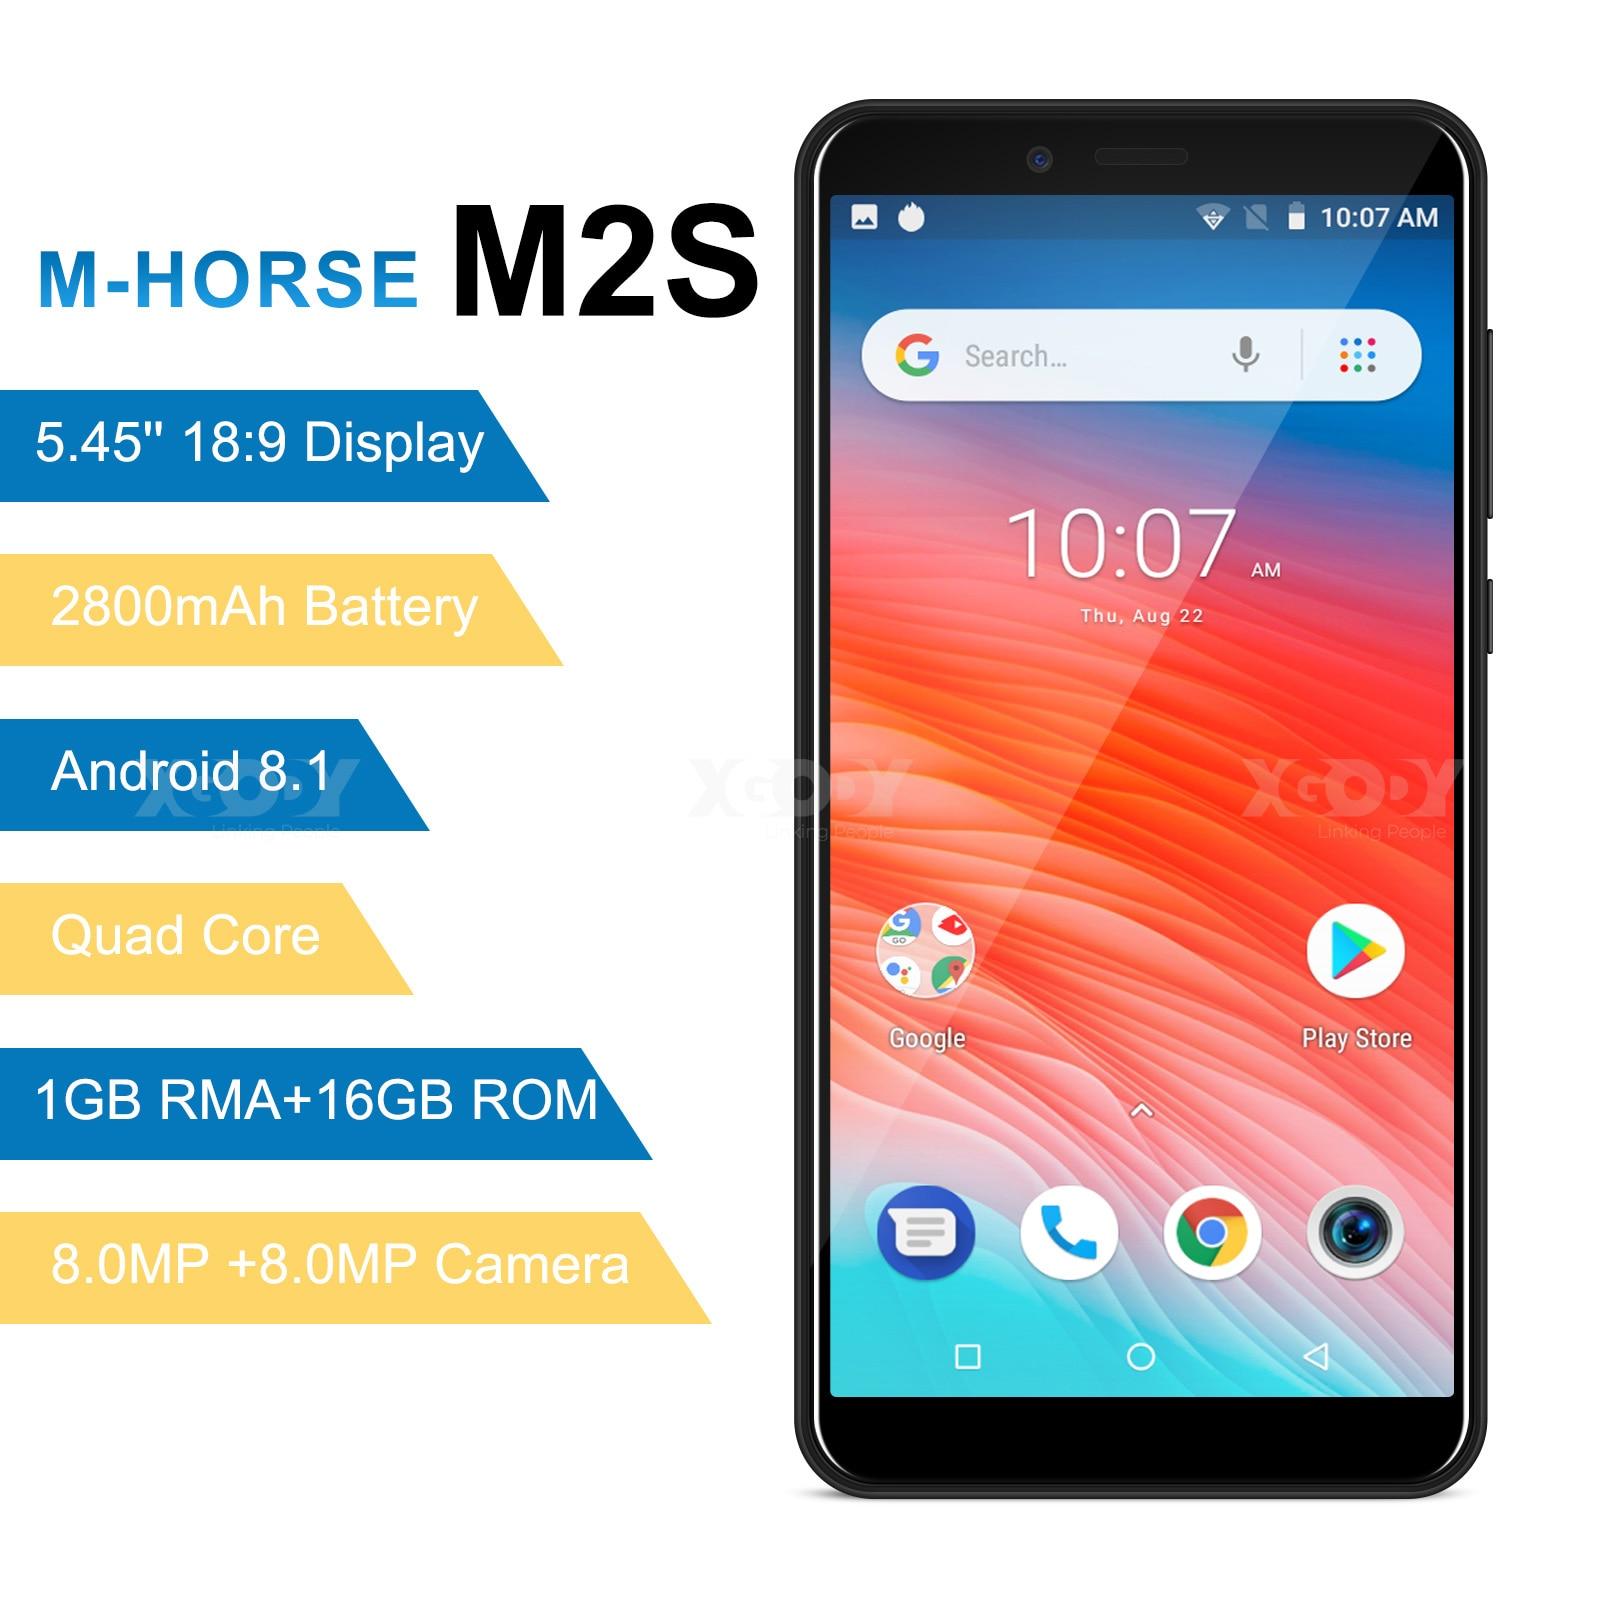 M-HORSE 3G Smartphone Android 8.1 2800mAh téléphone portable 1GB + 16GB Quad Core 5.45 pouces 18:9 plein écran 8MP double caméra téléphone Mobile